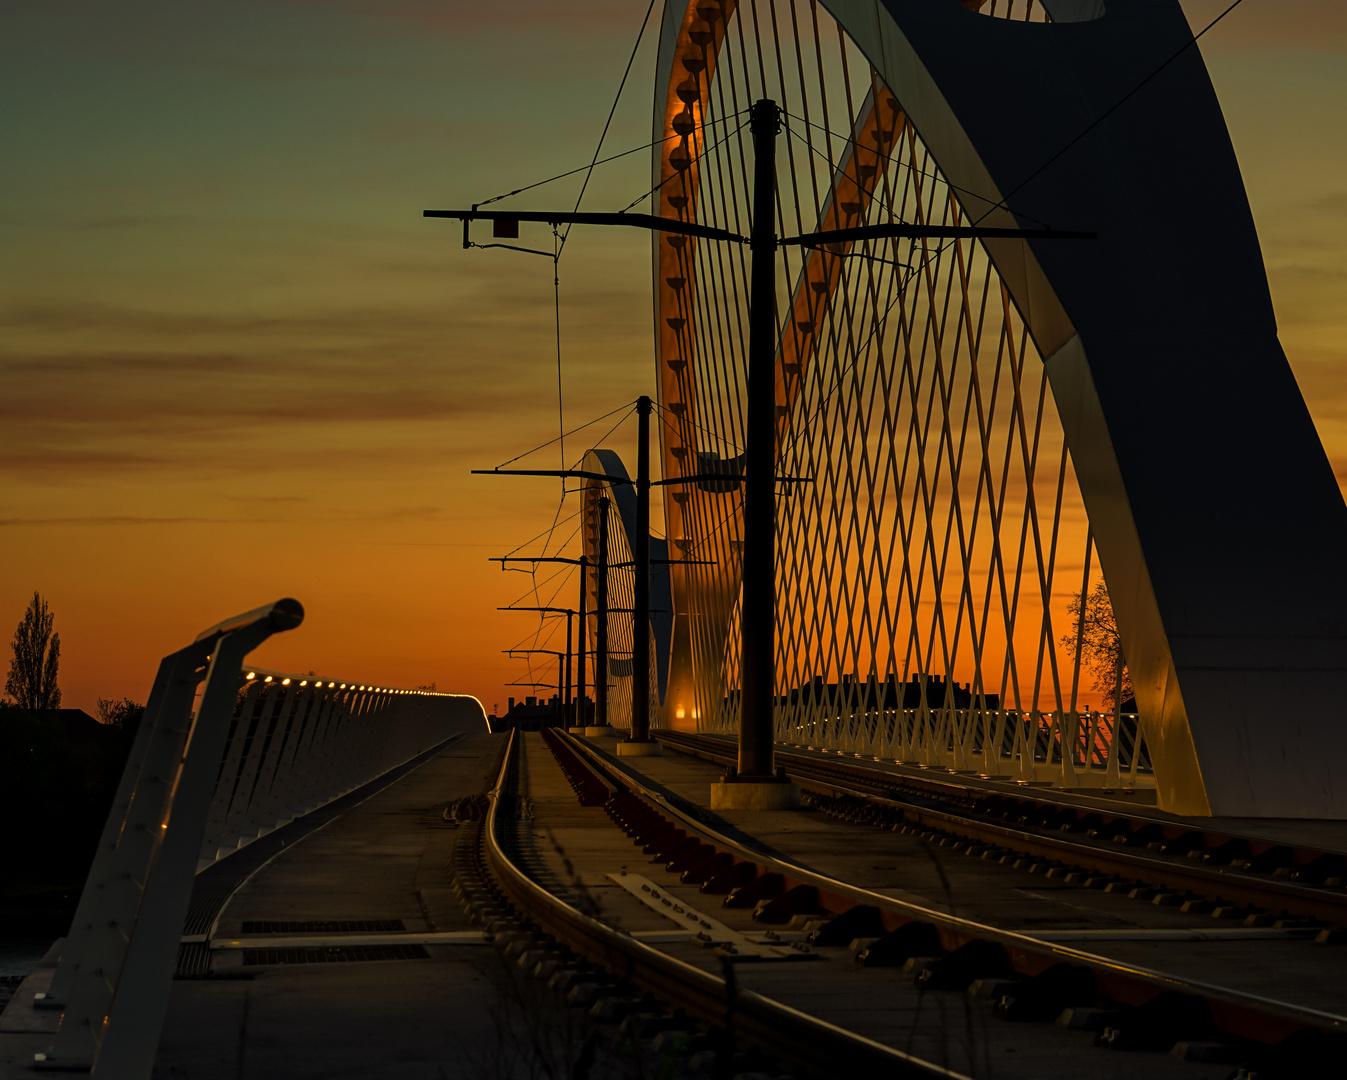 Tram Brücke im Sonnenuntergang